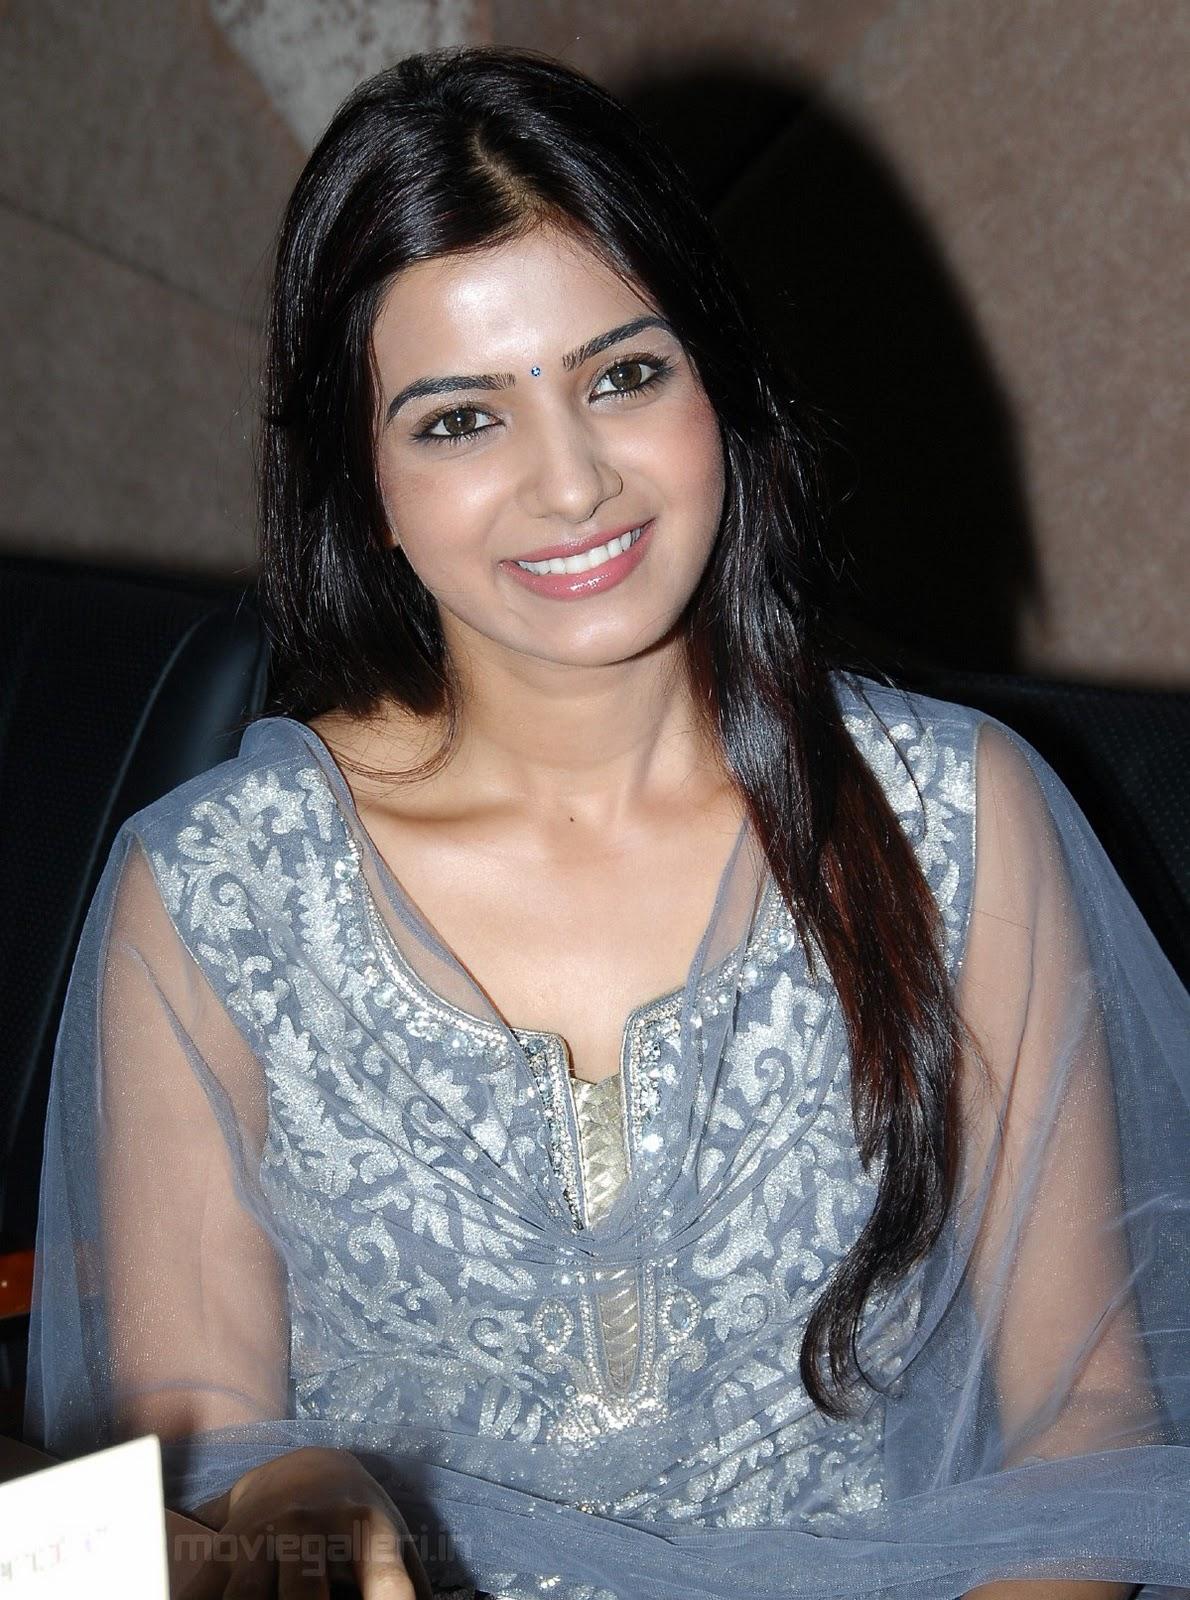 http://2.bp.blogspot.com/_eewr1b1LpYA/TMO8m0kqwAI/AAAAAAAAJ1o/MCGxa_C3rBU/s1600/actress_samantha_cute_smile_stills_wallpapers_03.jpg